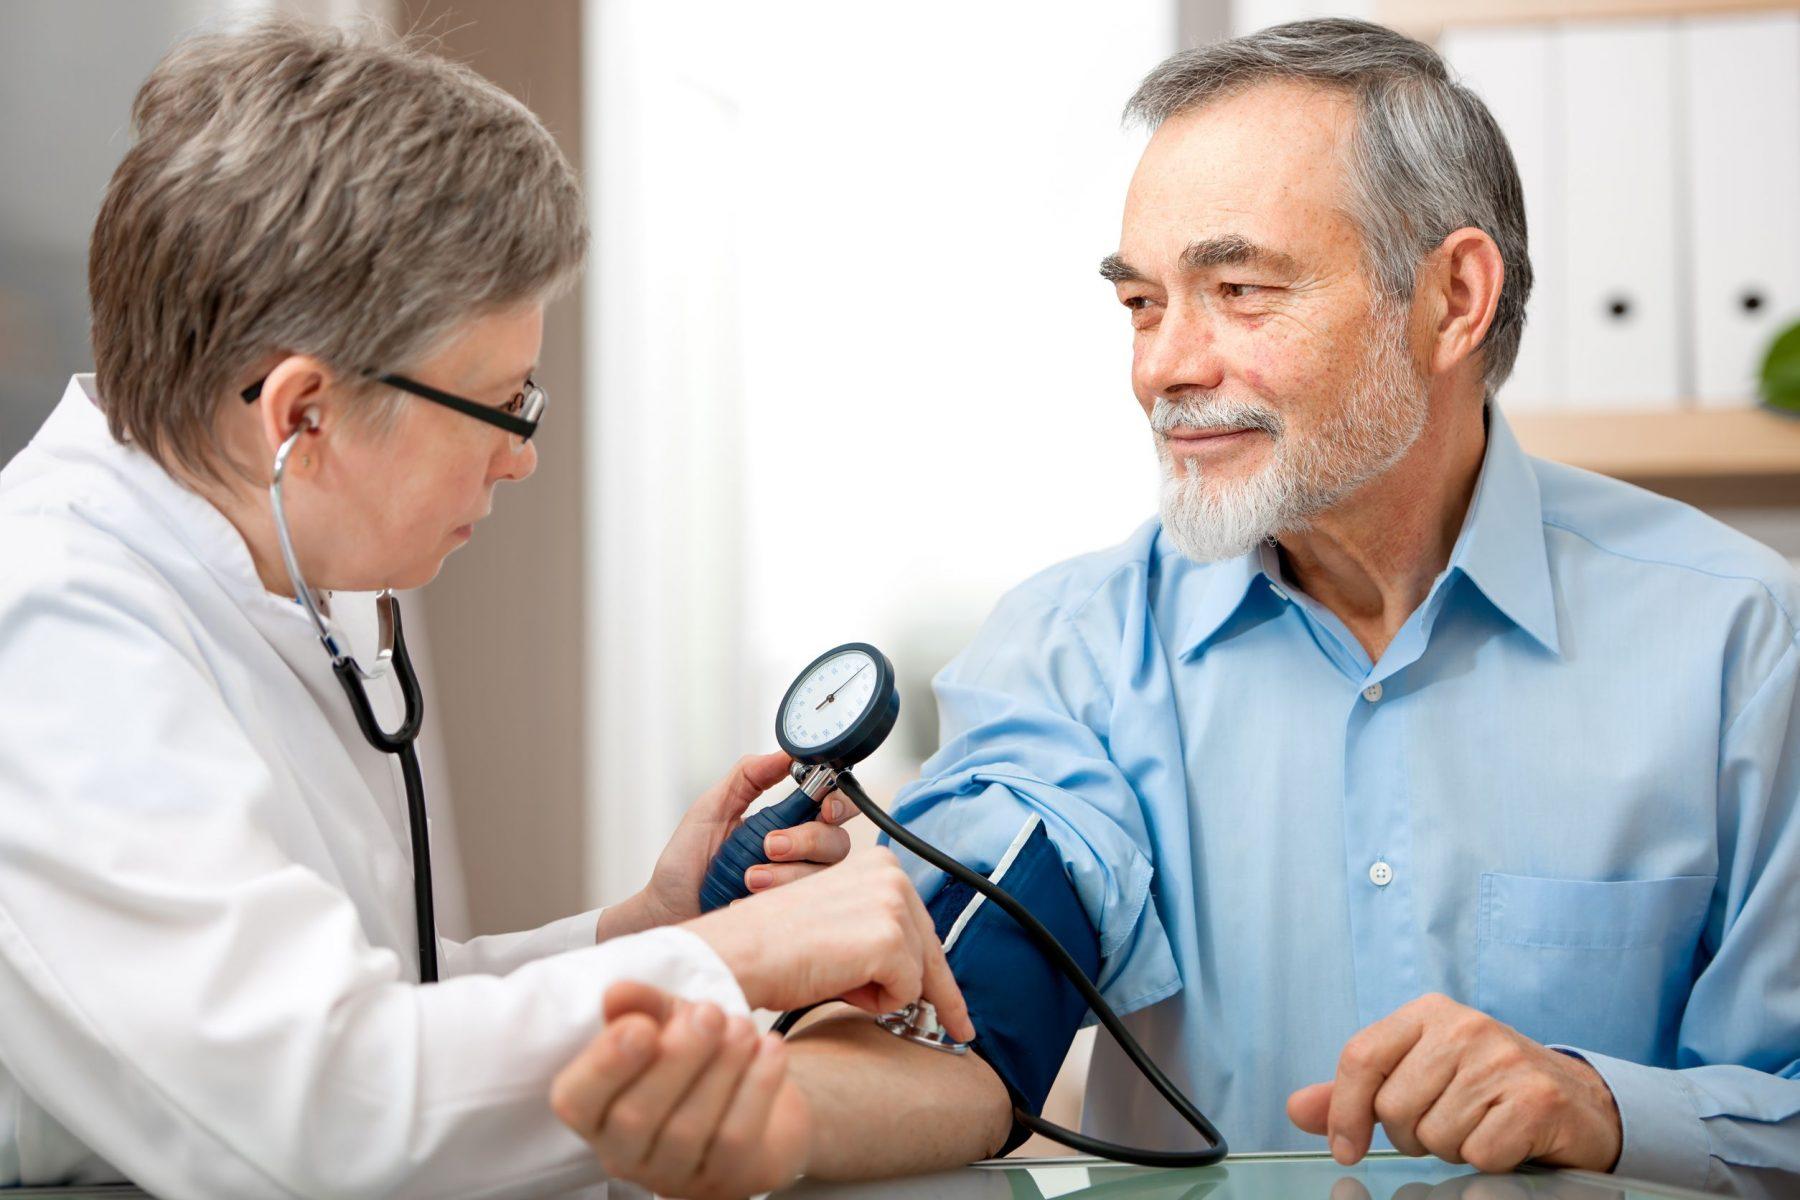 Υπέρταση Άνοια: Φάρμακα για τη μείωση της αρτηριακής πίεσης συνδέονται με περιορισμό της μνημονικής απώλειας